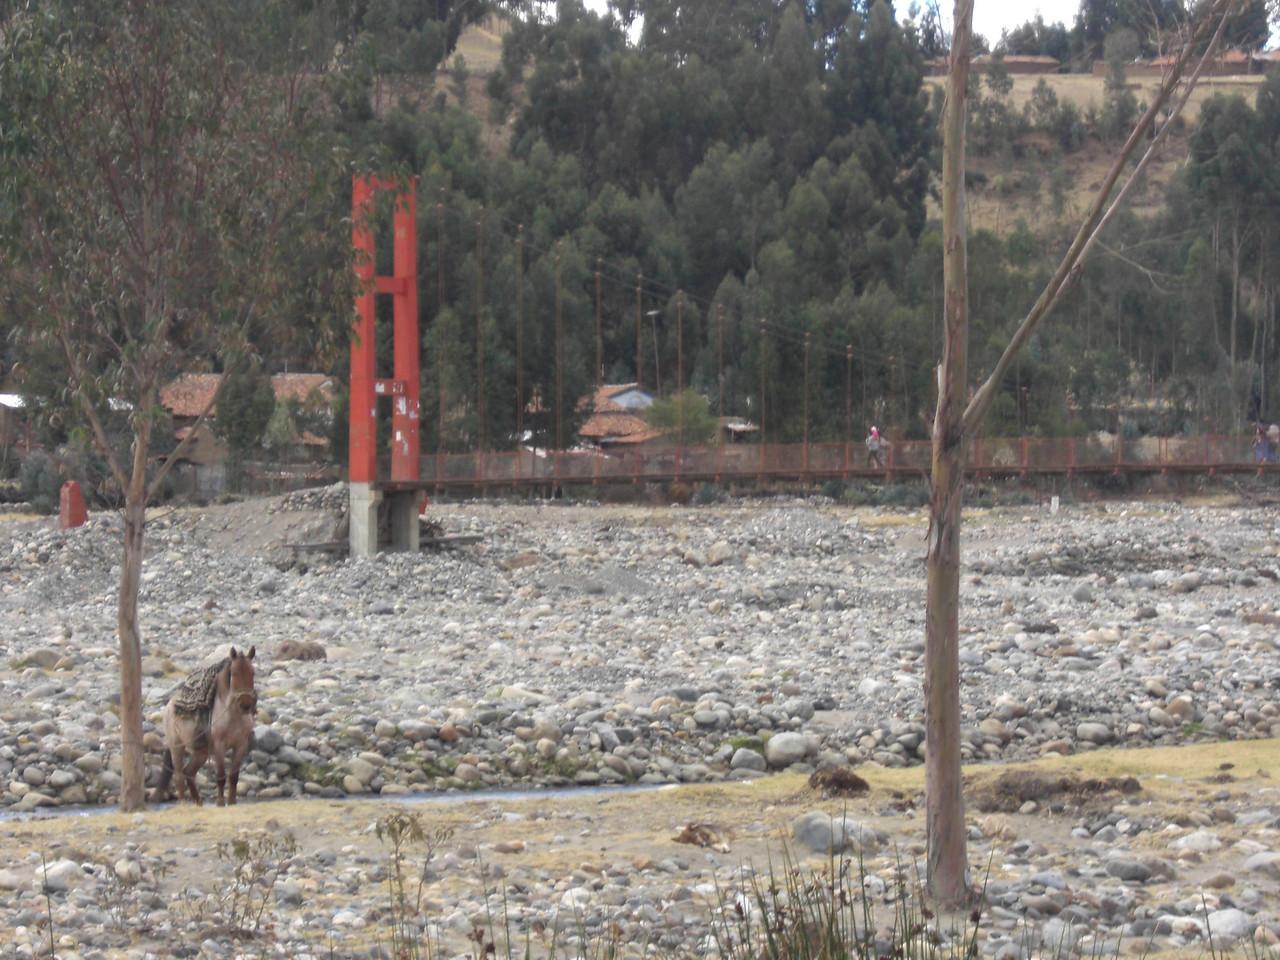 The Golden Gate in Peru